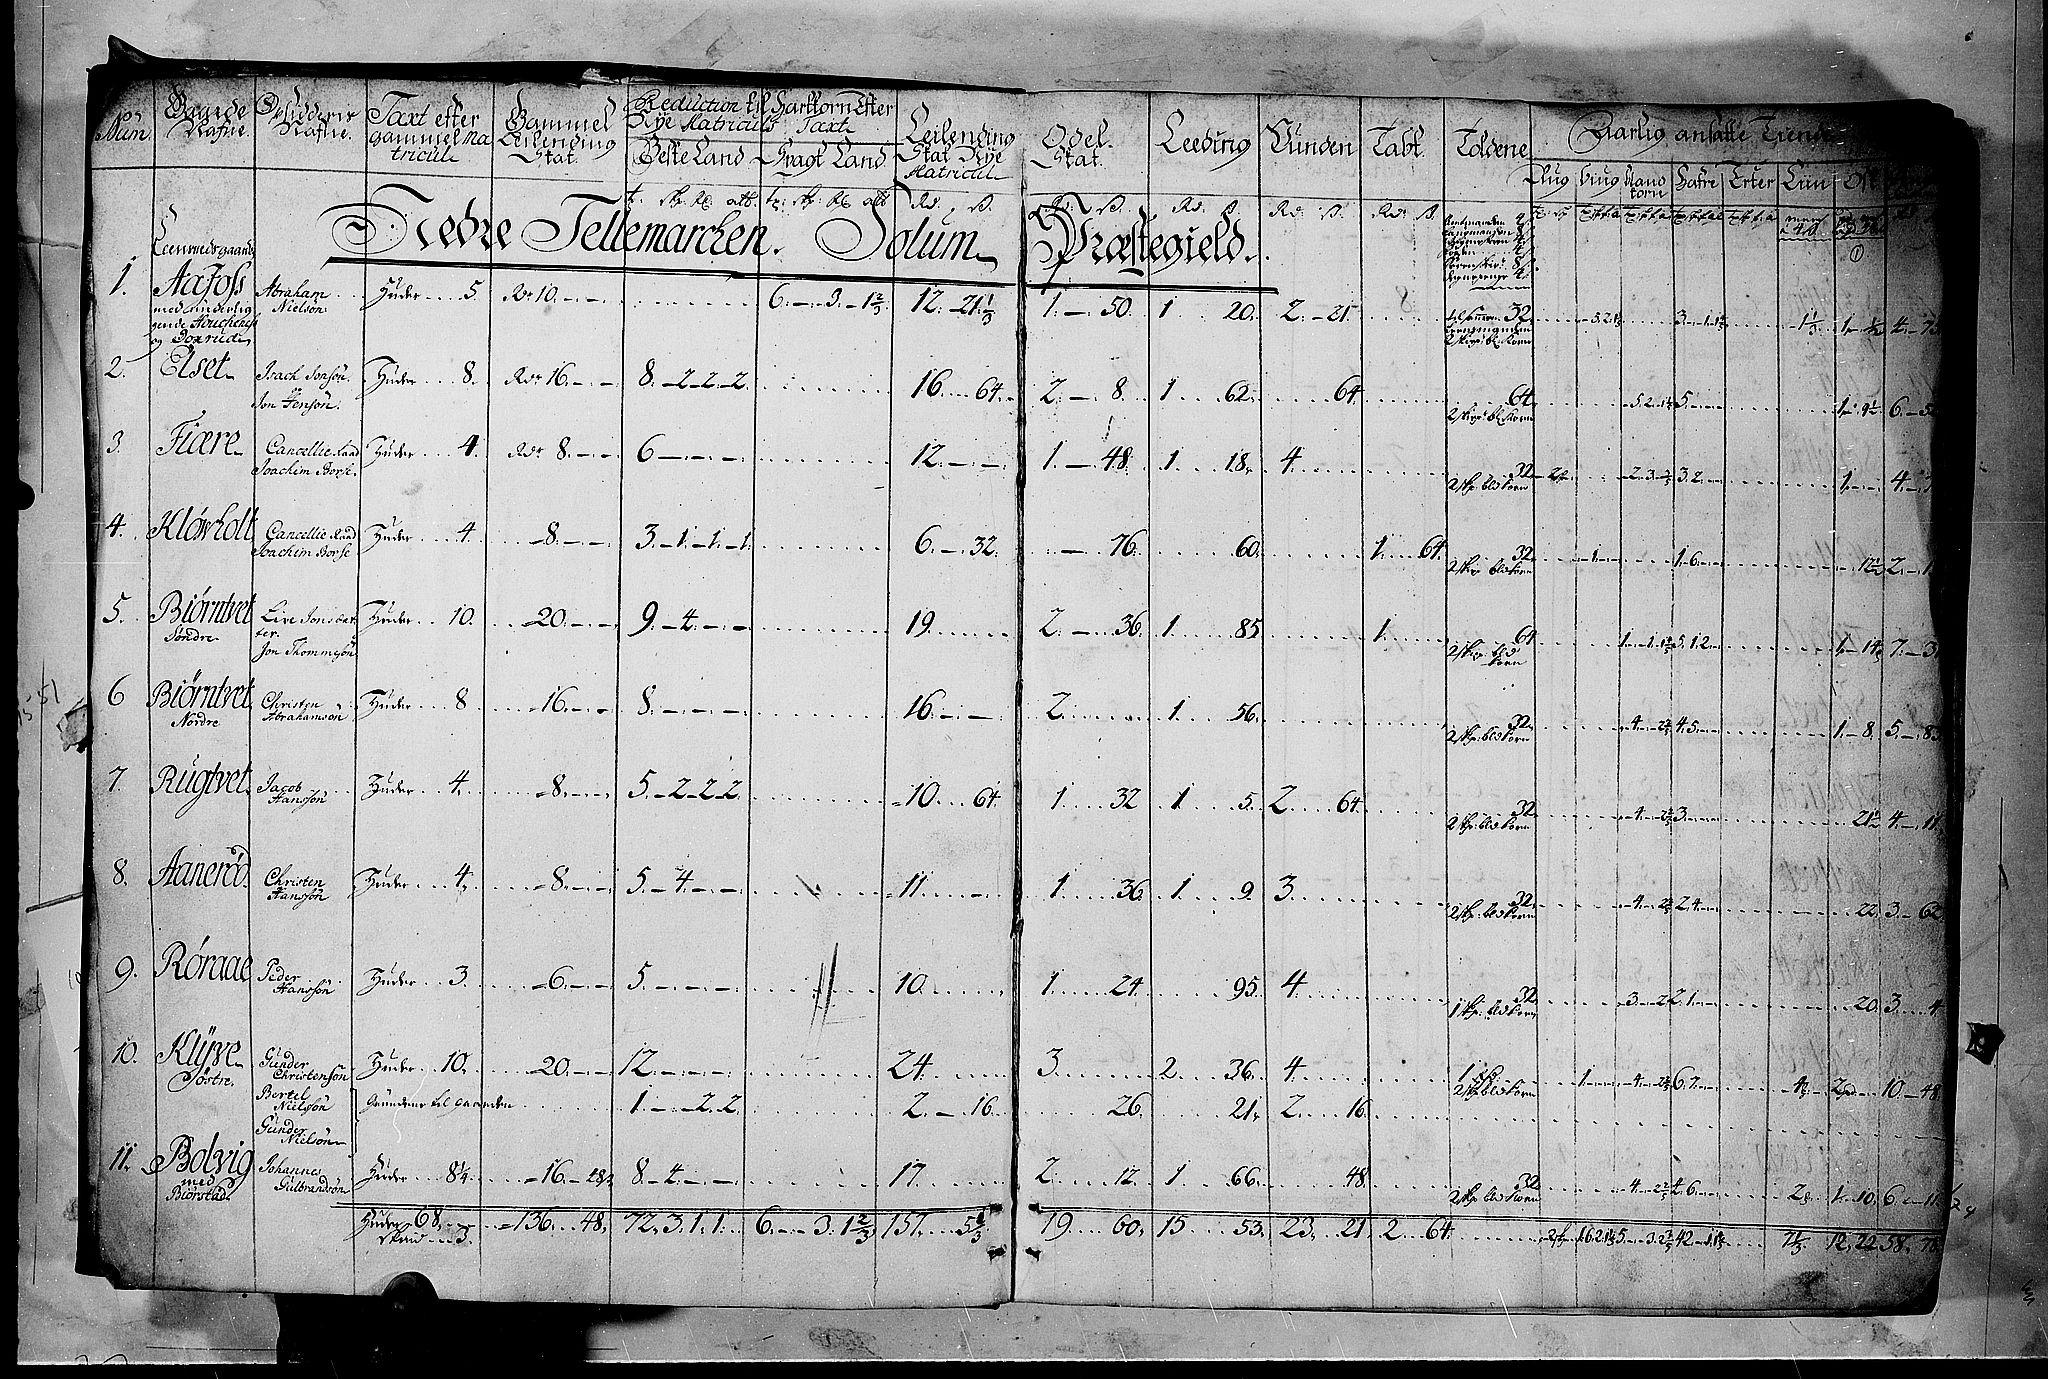 RA, Rentekammeret inntil 1814, Realistisk ordnet avdeling, N/Nb/Nbf/L0122: Øvre og Nedre Telemark matrikkelprotokoll, 1723, s. 1a